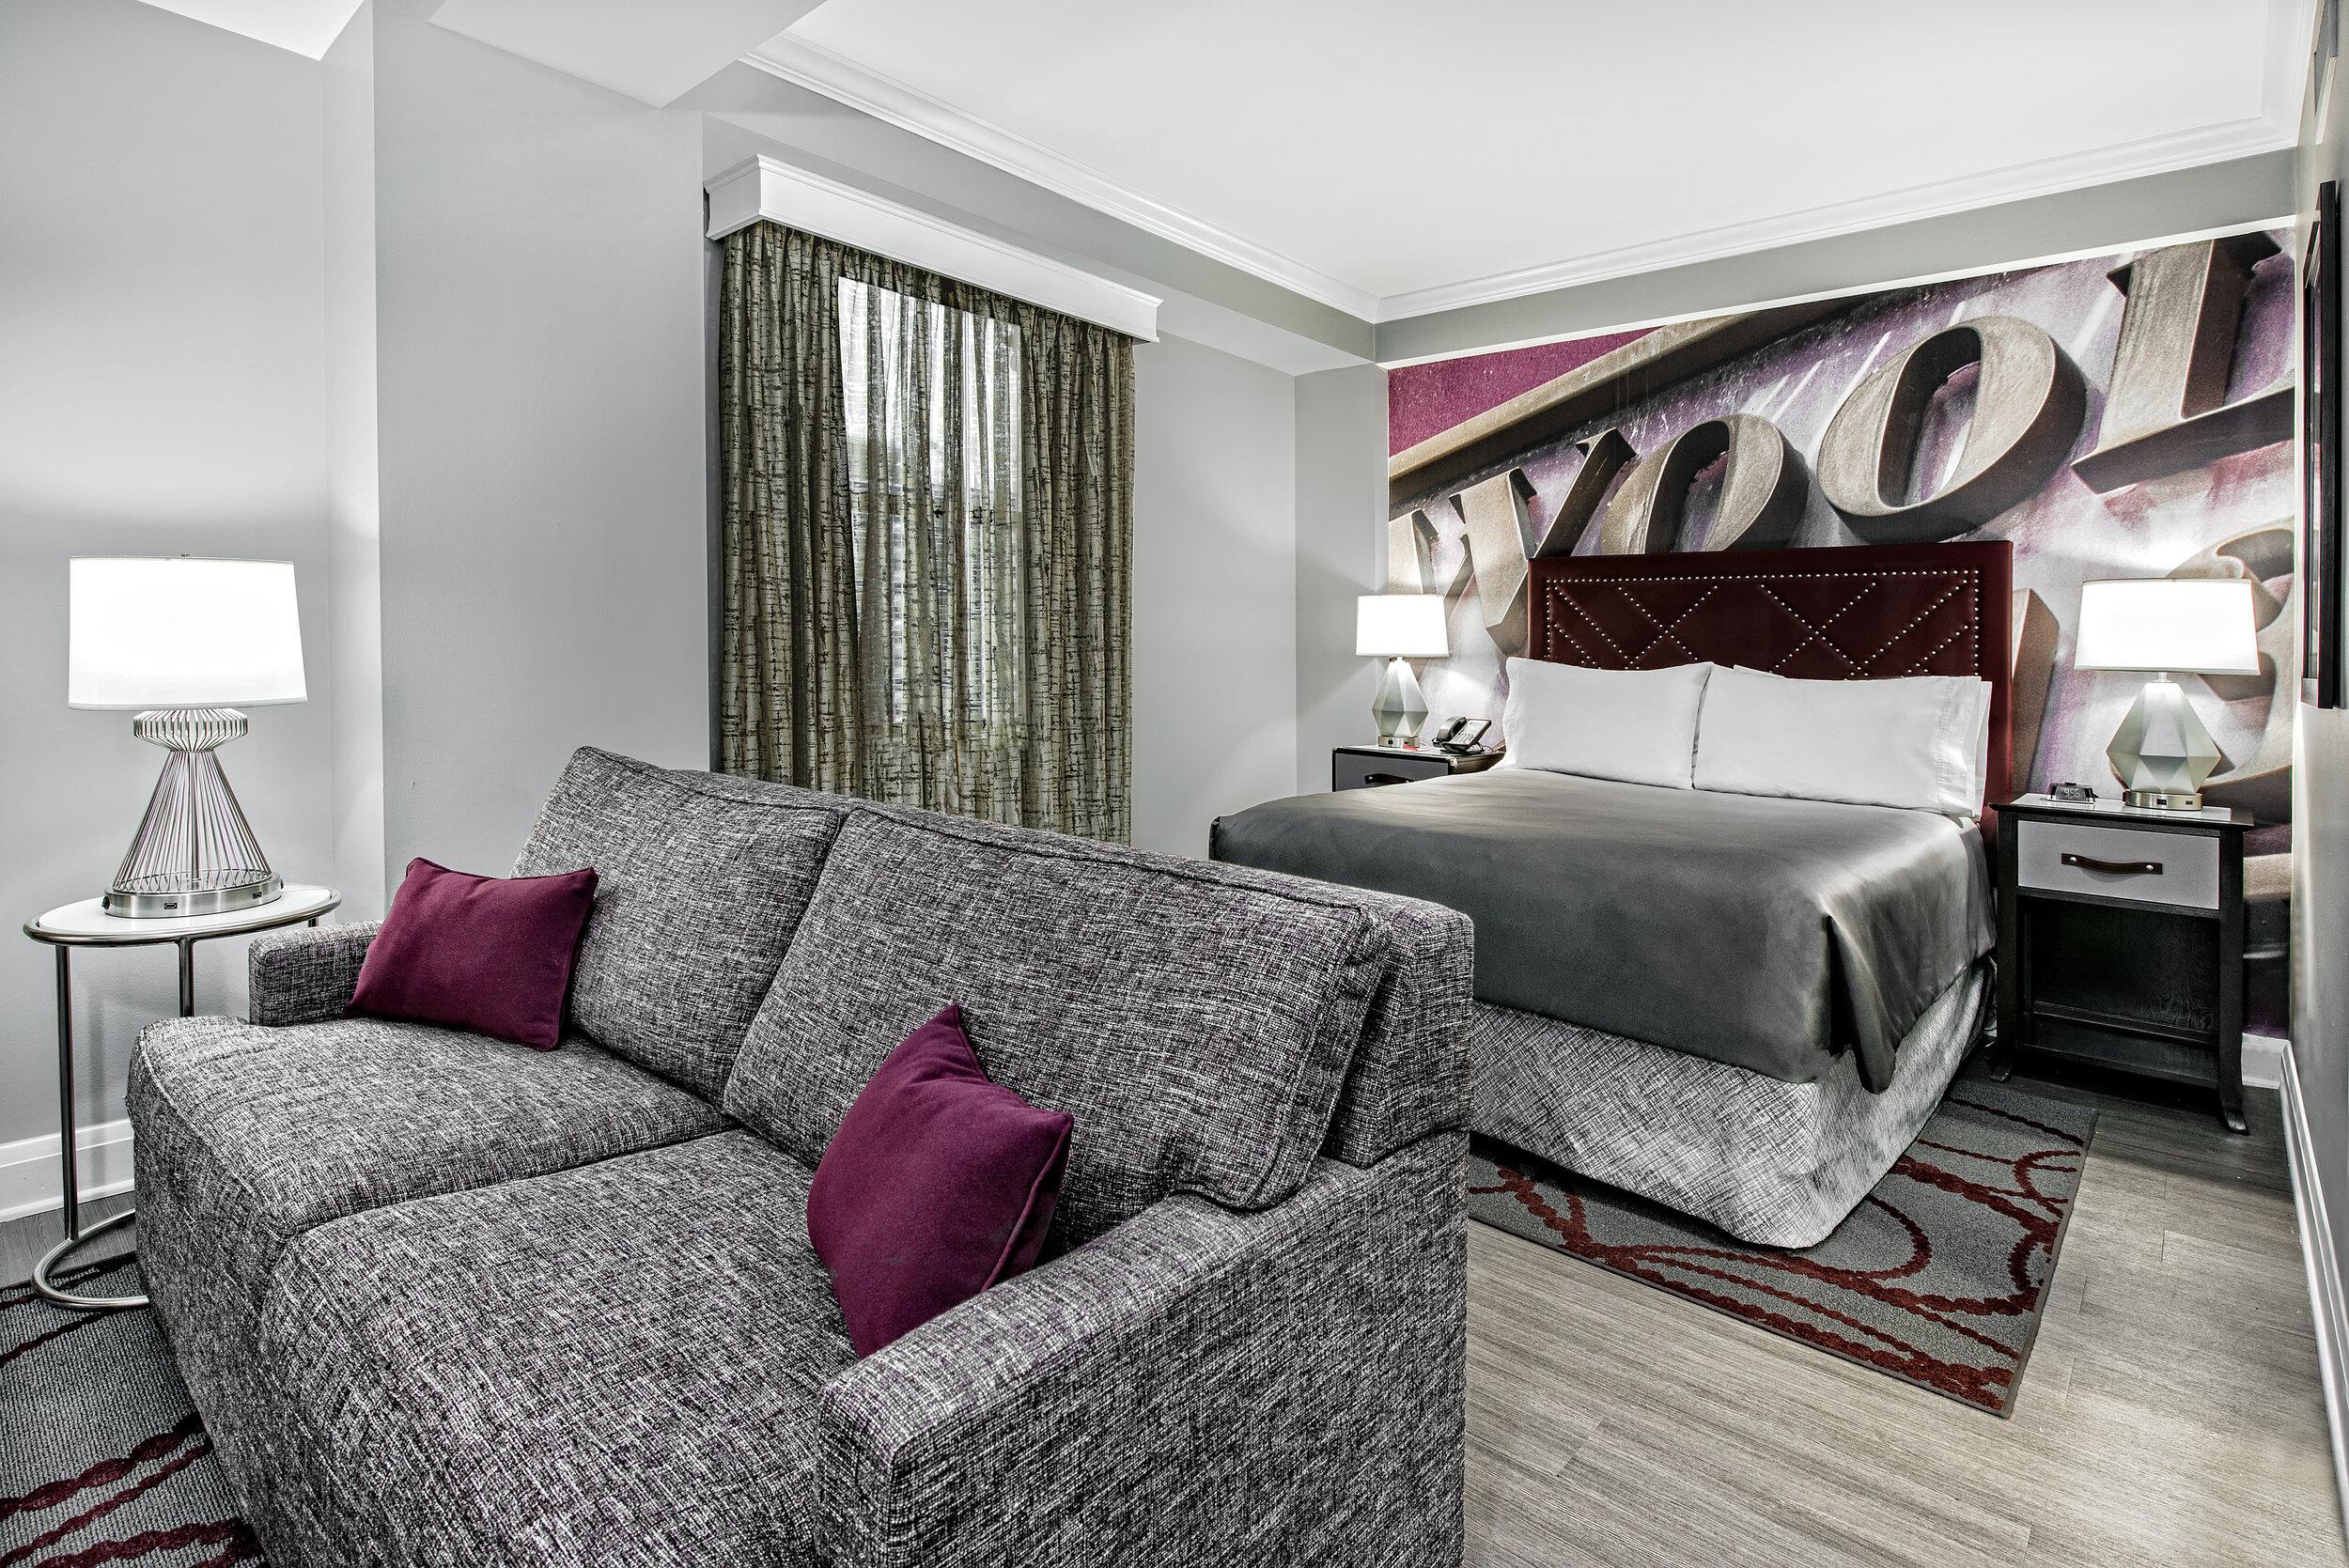 dalar-hotel-indigo-dallas-downtown-junior suite-sleeping-area-rm1100.jpg